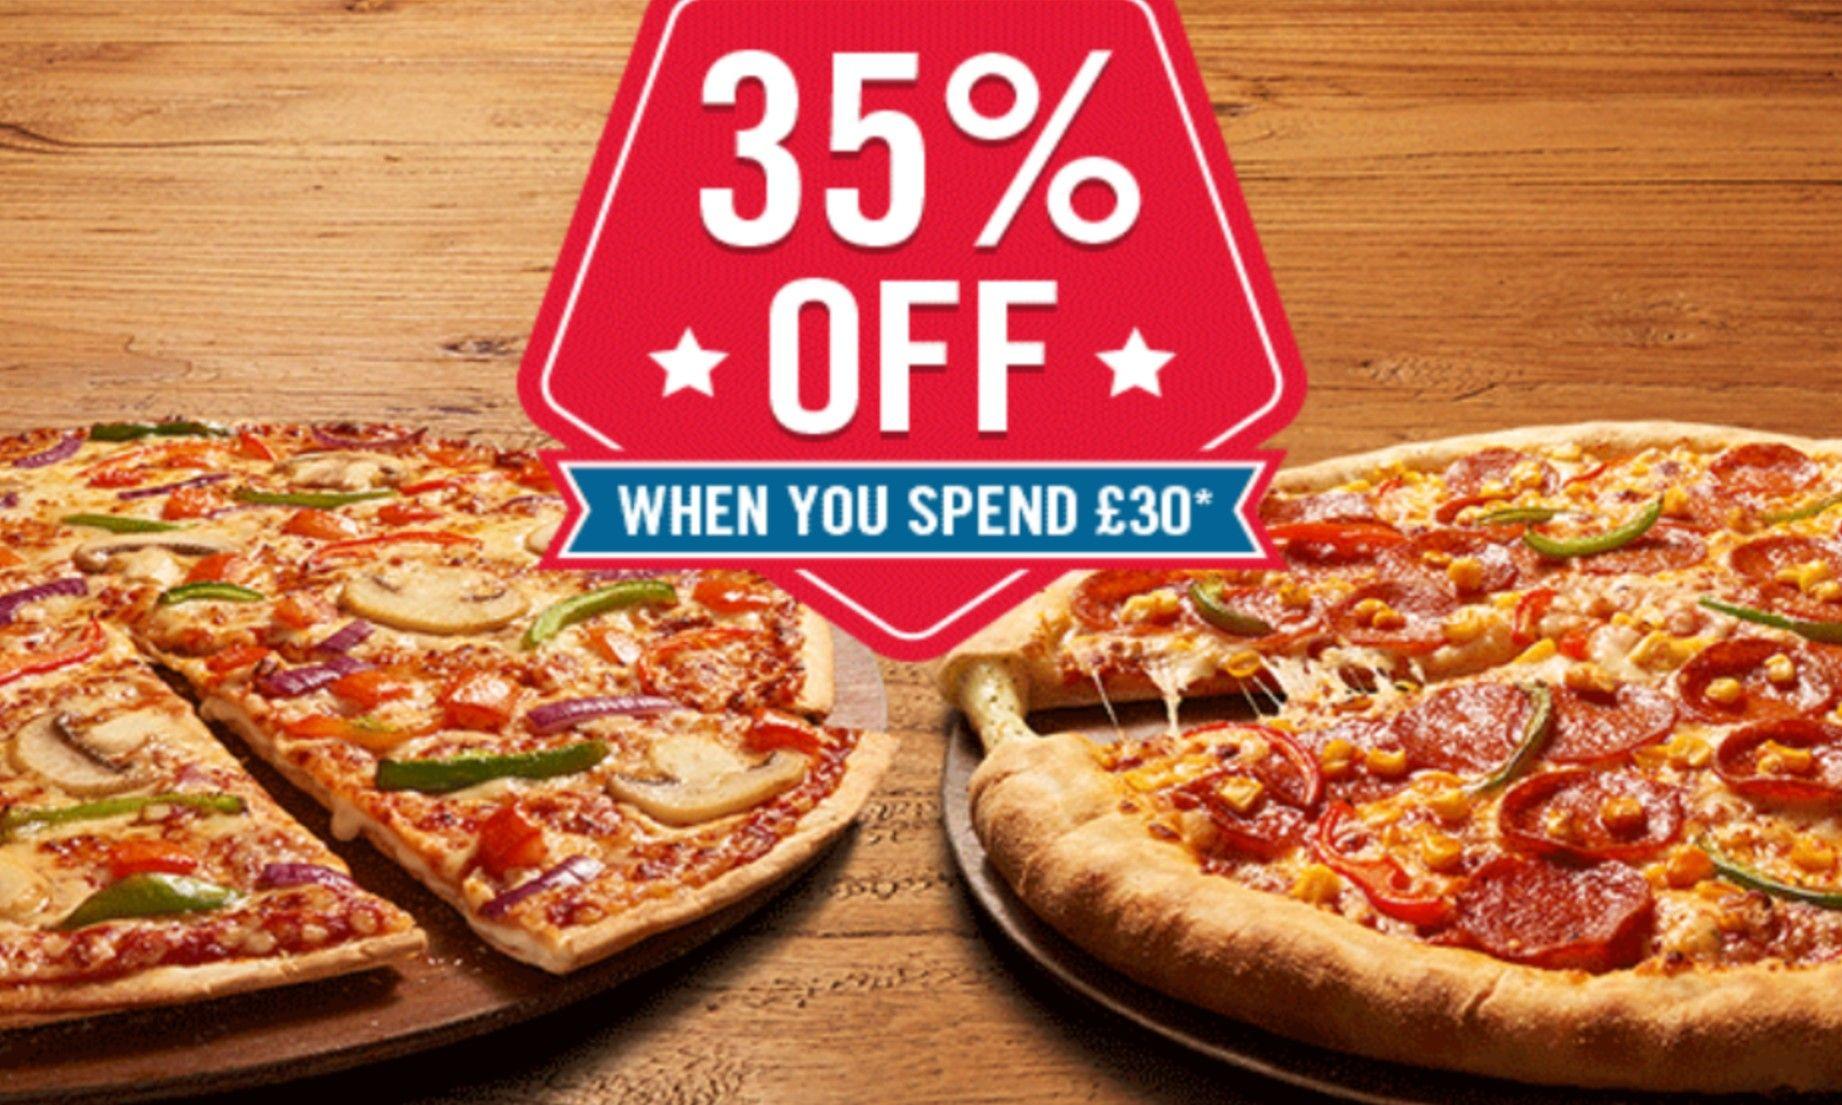 35% off when spending £30 @ Dominoes